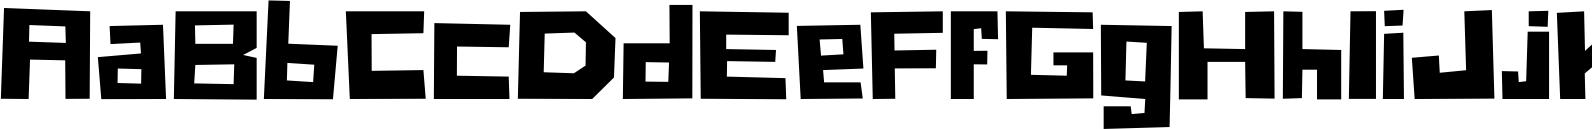 Hitchcut